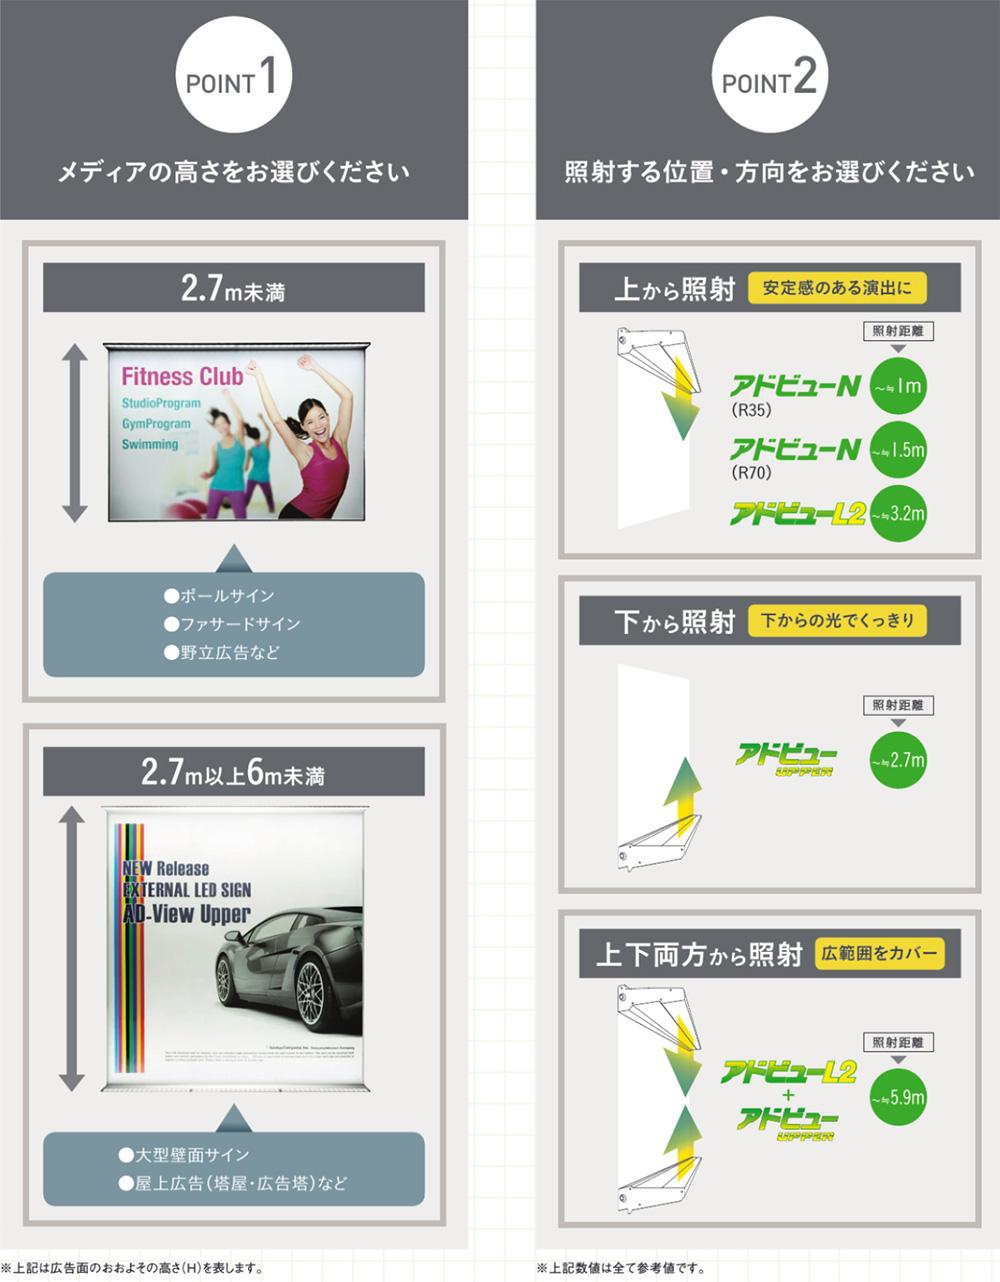 【タテヤマアドバンス】外照式サイン アドビュー